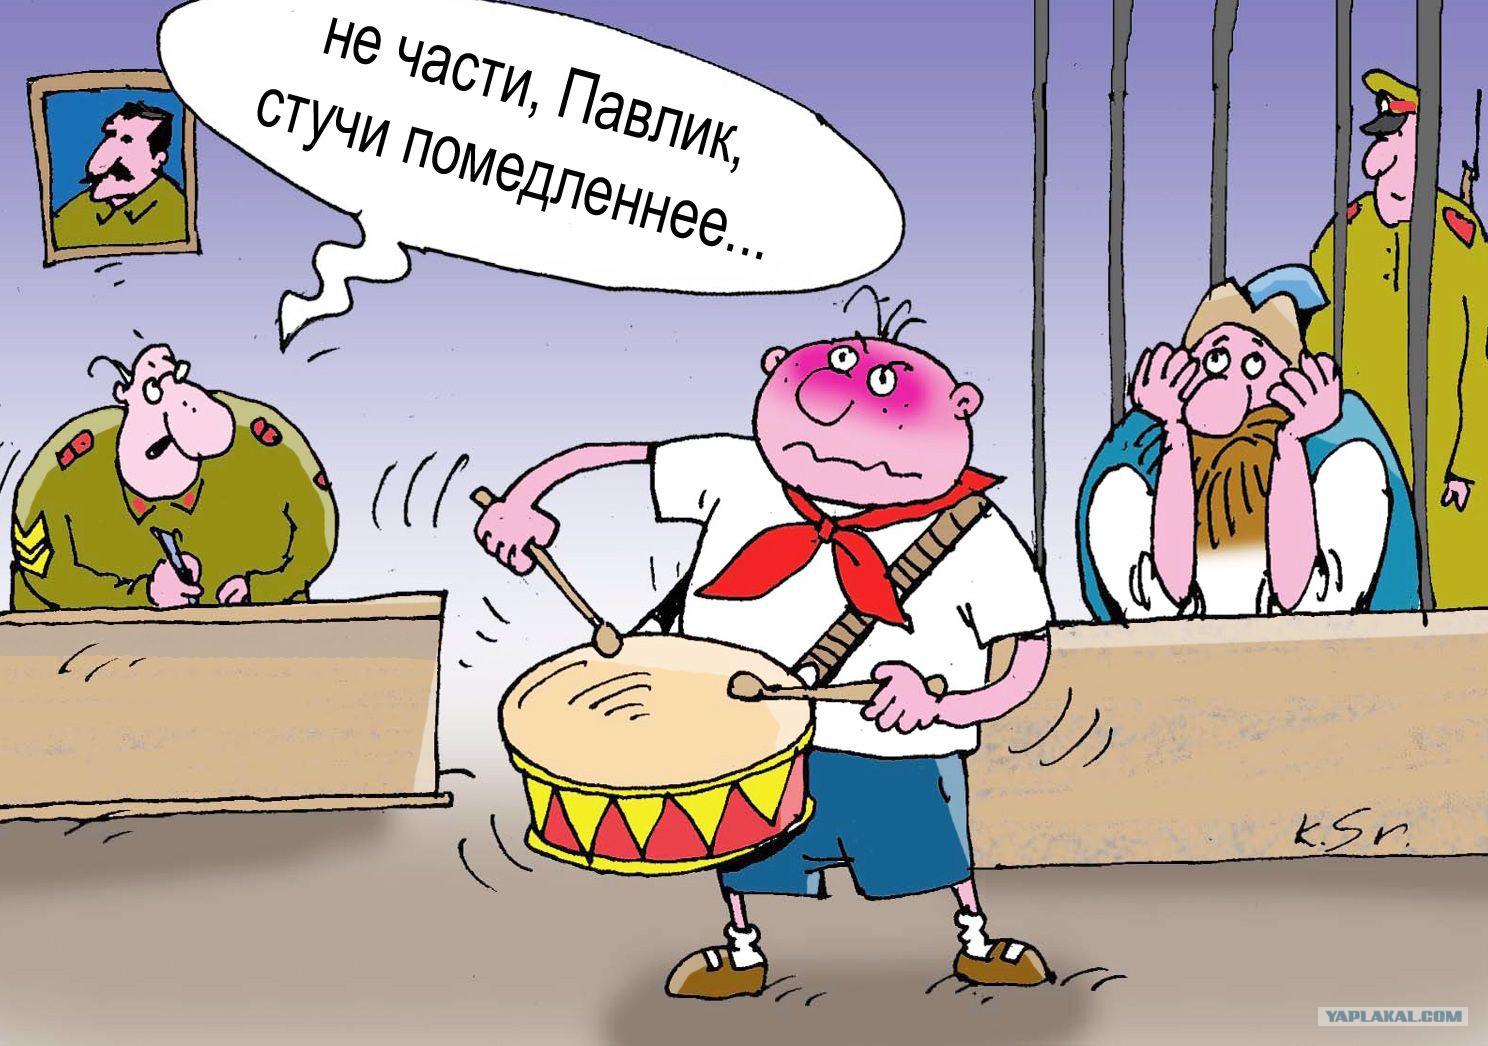 Представители оккупационных СМИ в Крыму доносят на свободных коллег, - журналистка Юрченко - Цензор.НЕТ 776